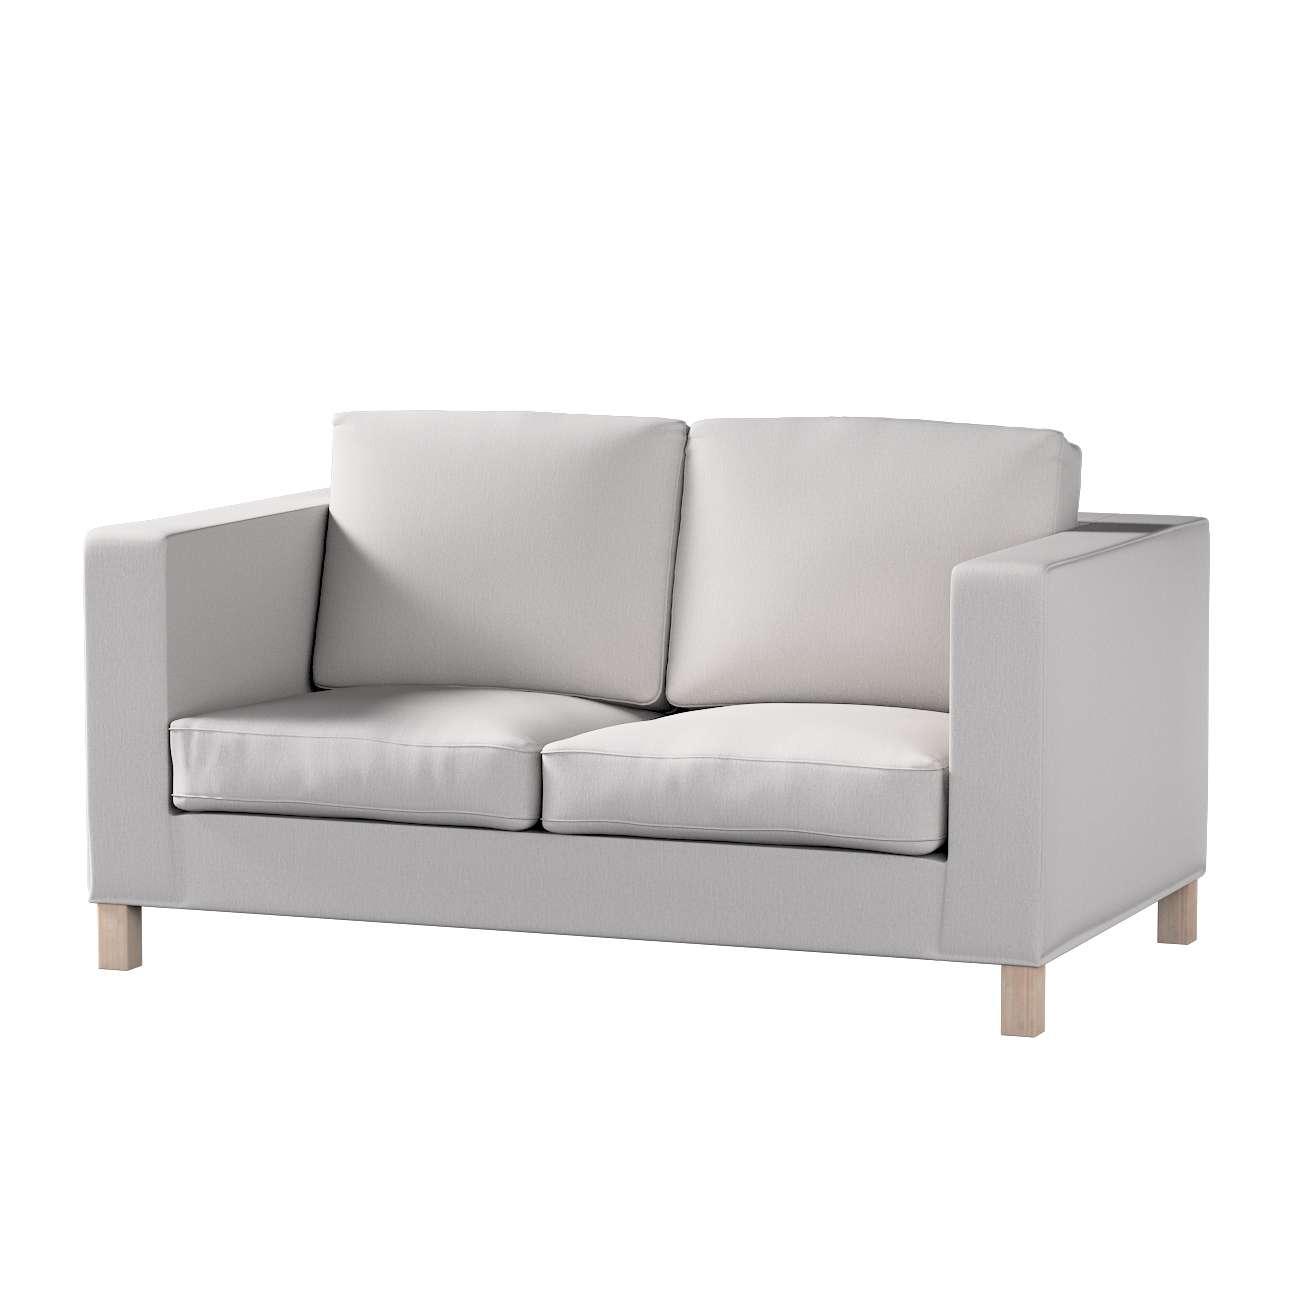 KARLANDA dvivietės sofos užvalkalas KARLANDA dvivietės sofos užvalkalas kolekcijoje Chenille, audinys: 702-23